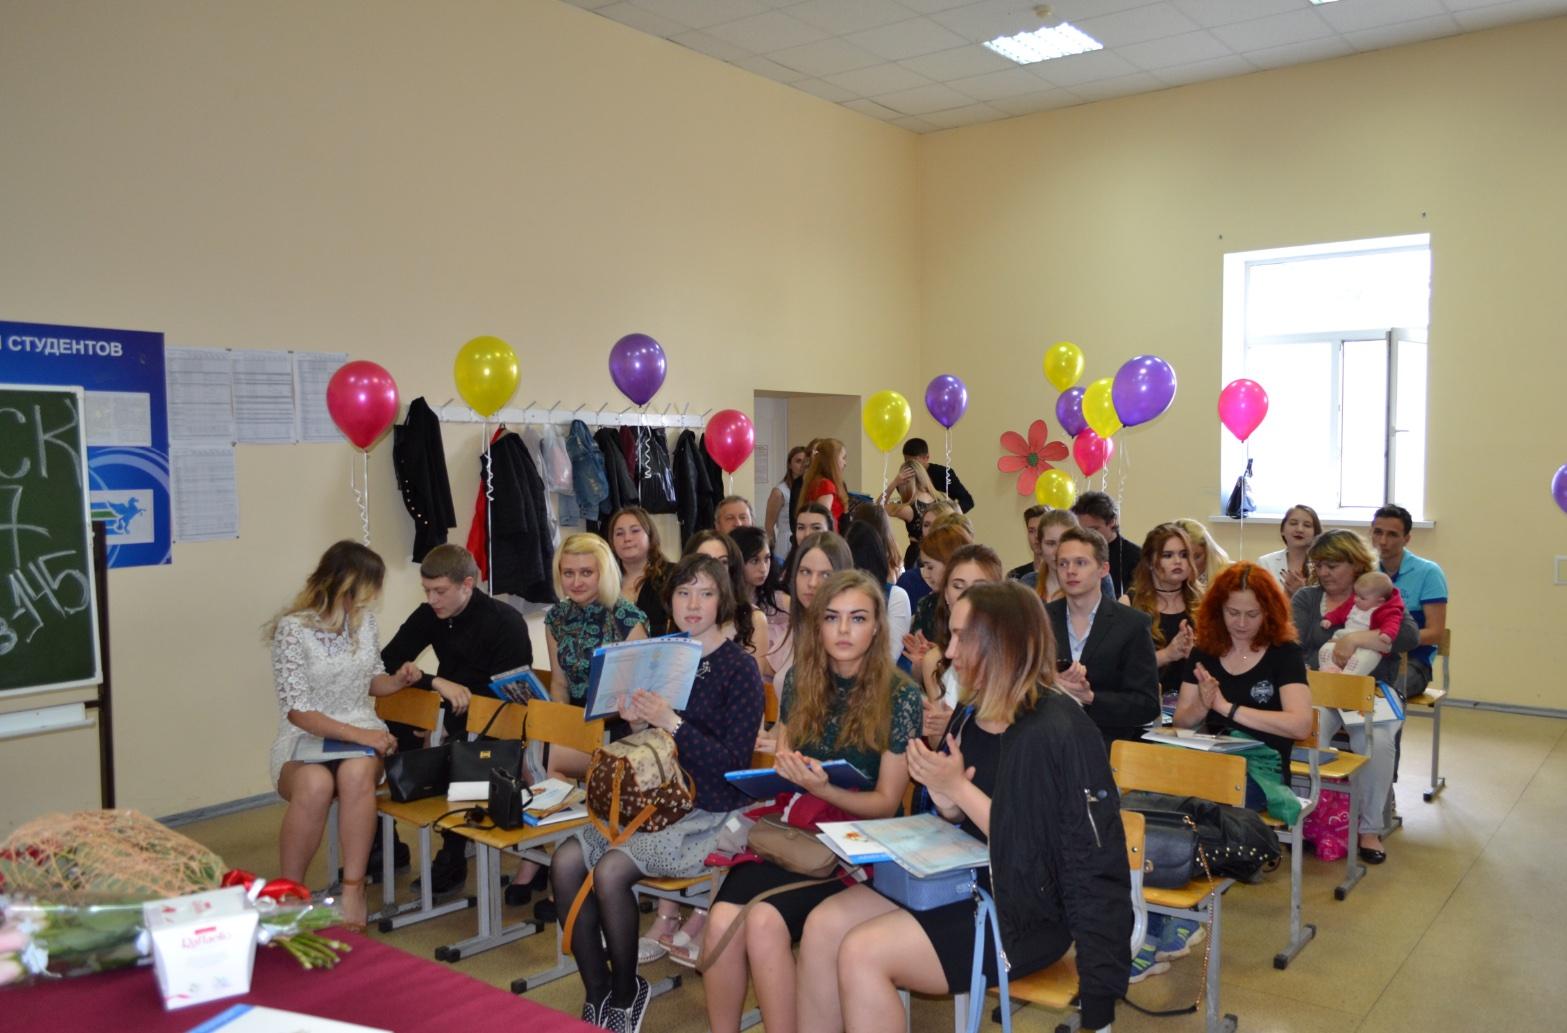 Лучшее экономическое образование в Финансово-экономическом колледже г. Перми